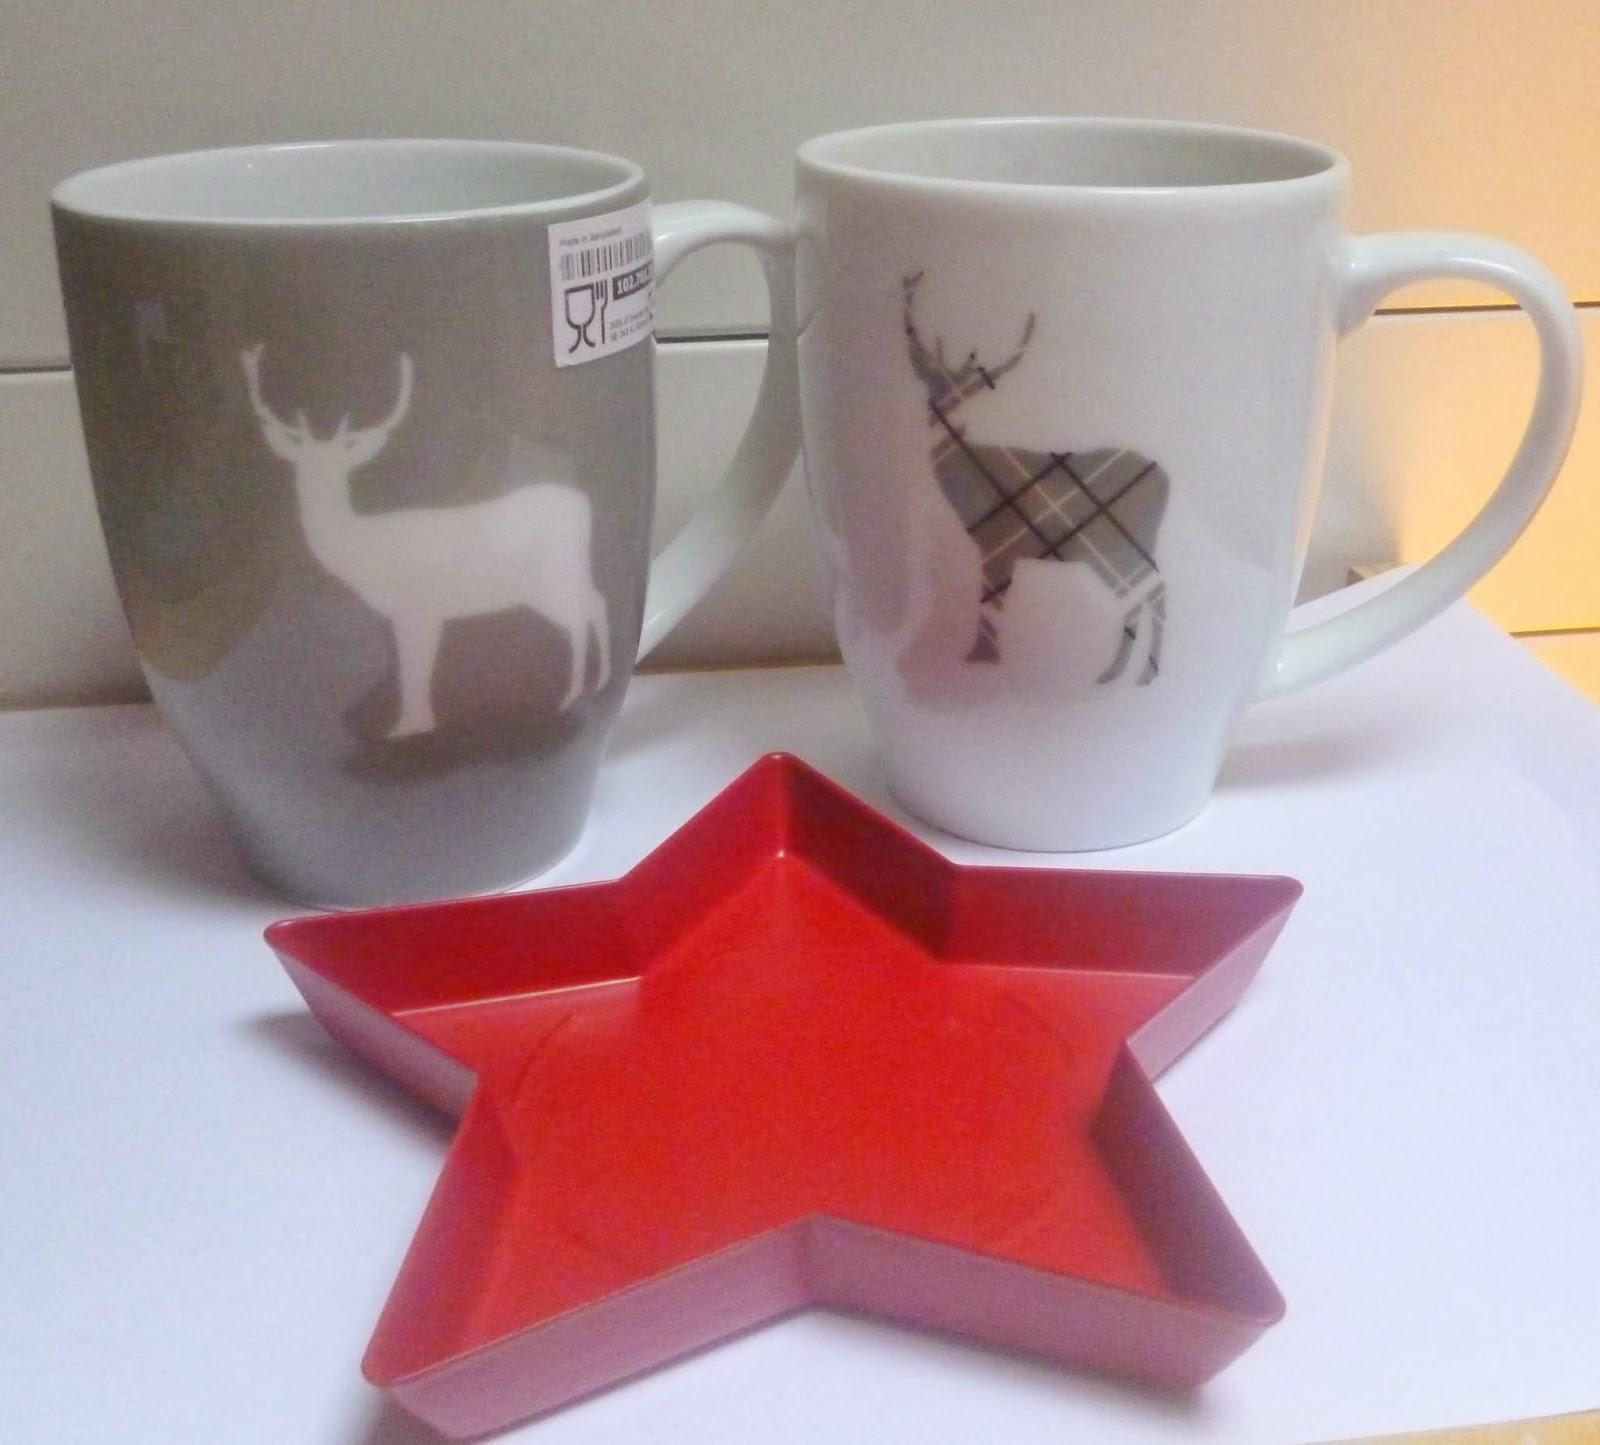 #A92224 Je Prépare Noël Avec Ikea Petit Haul Déco ~ Dans La  6839 Deco De Noel Chez Ikea 1600x1445 px @ aertt.com